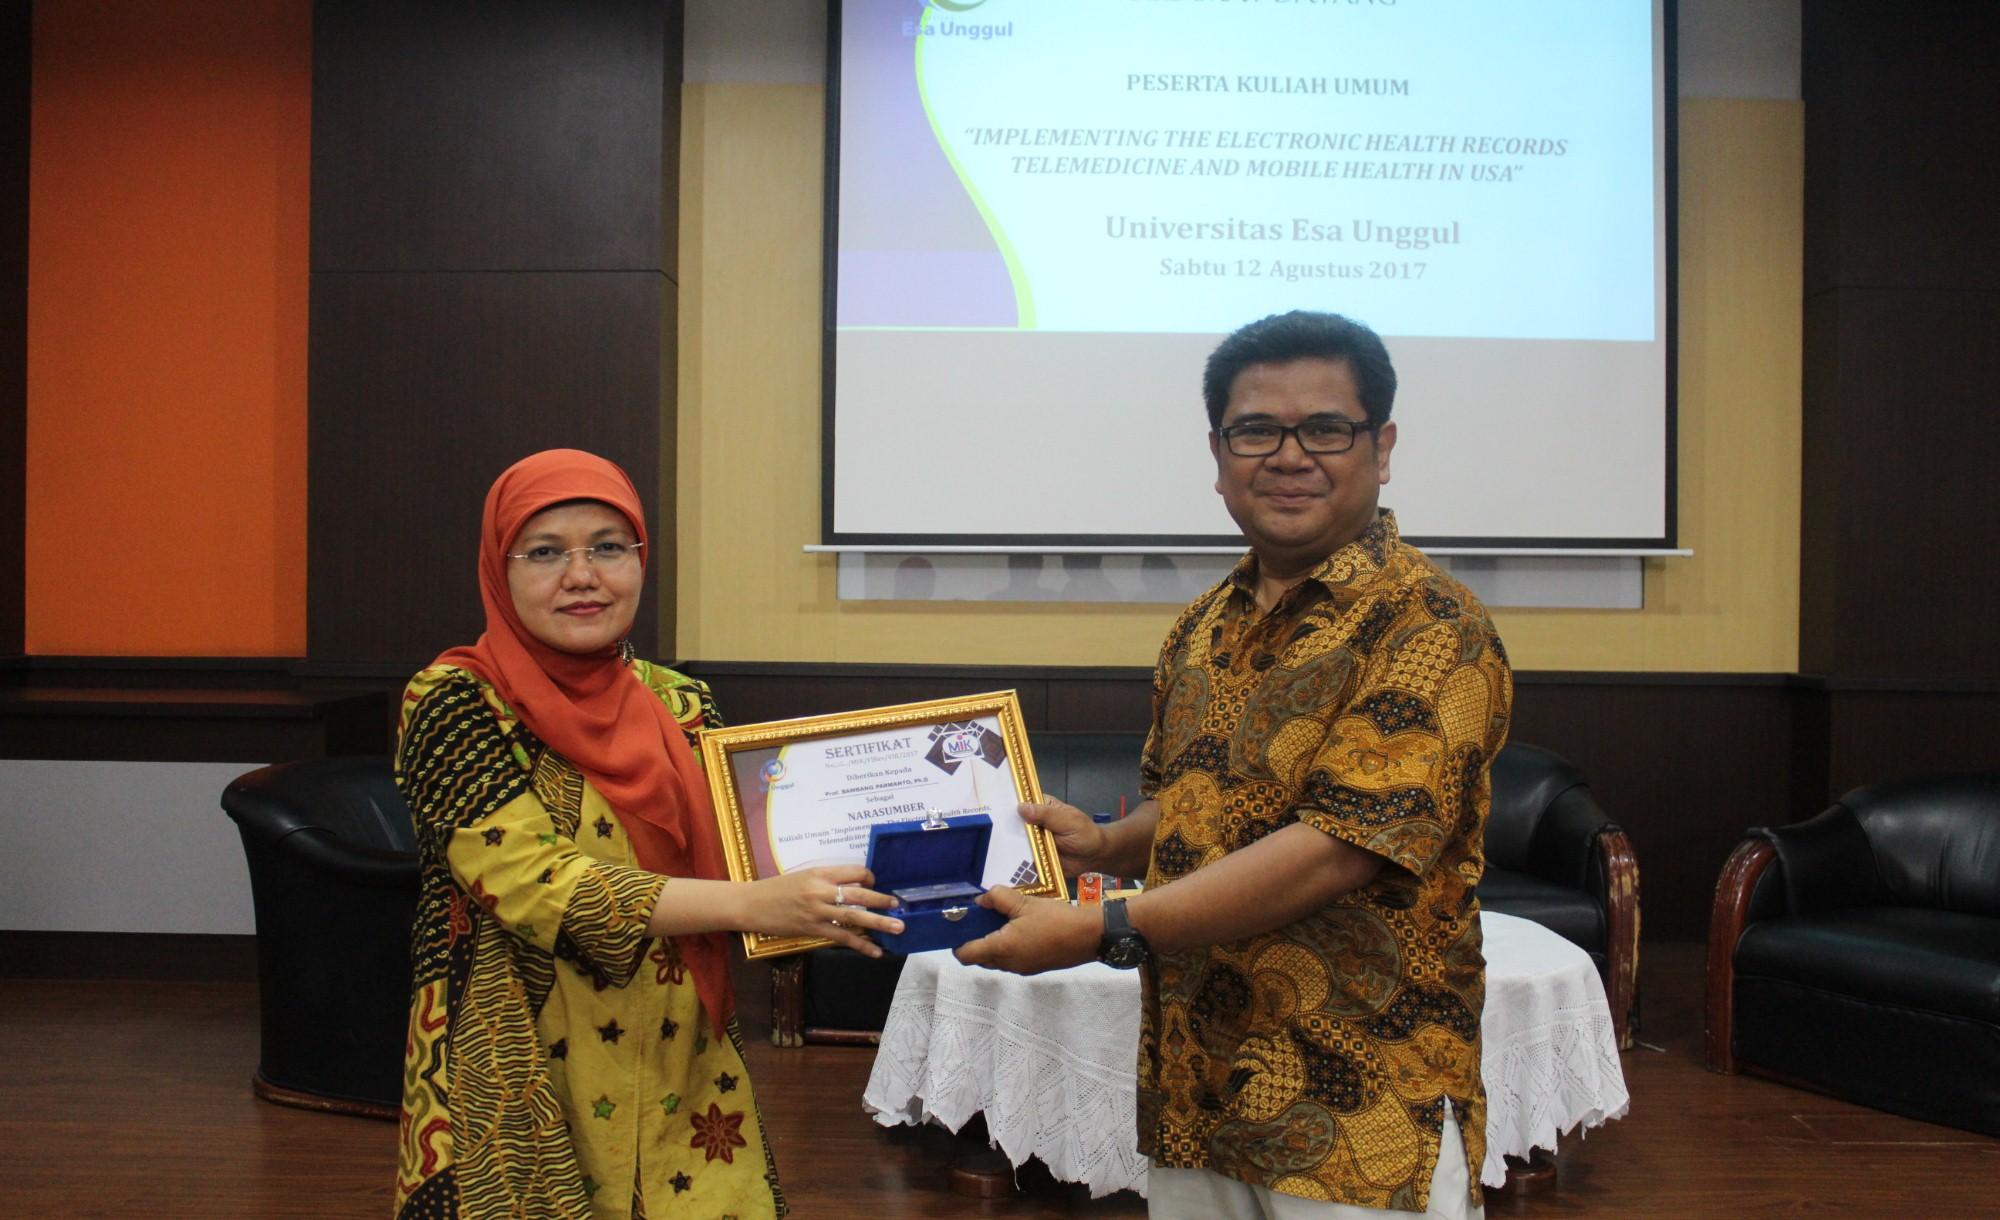 Prof.Bambang Parmanto, Ph.D Ahli Manajemen Informasi Kesehatan Pittsburg University Amerika Serikat